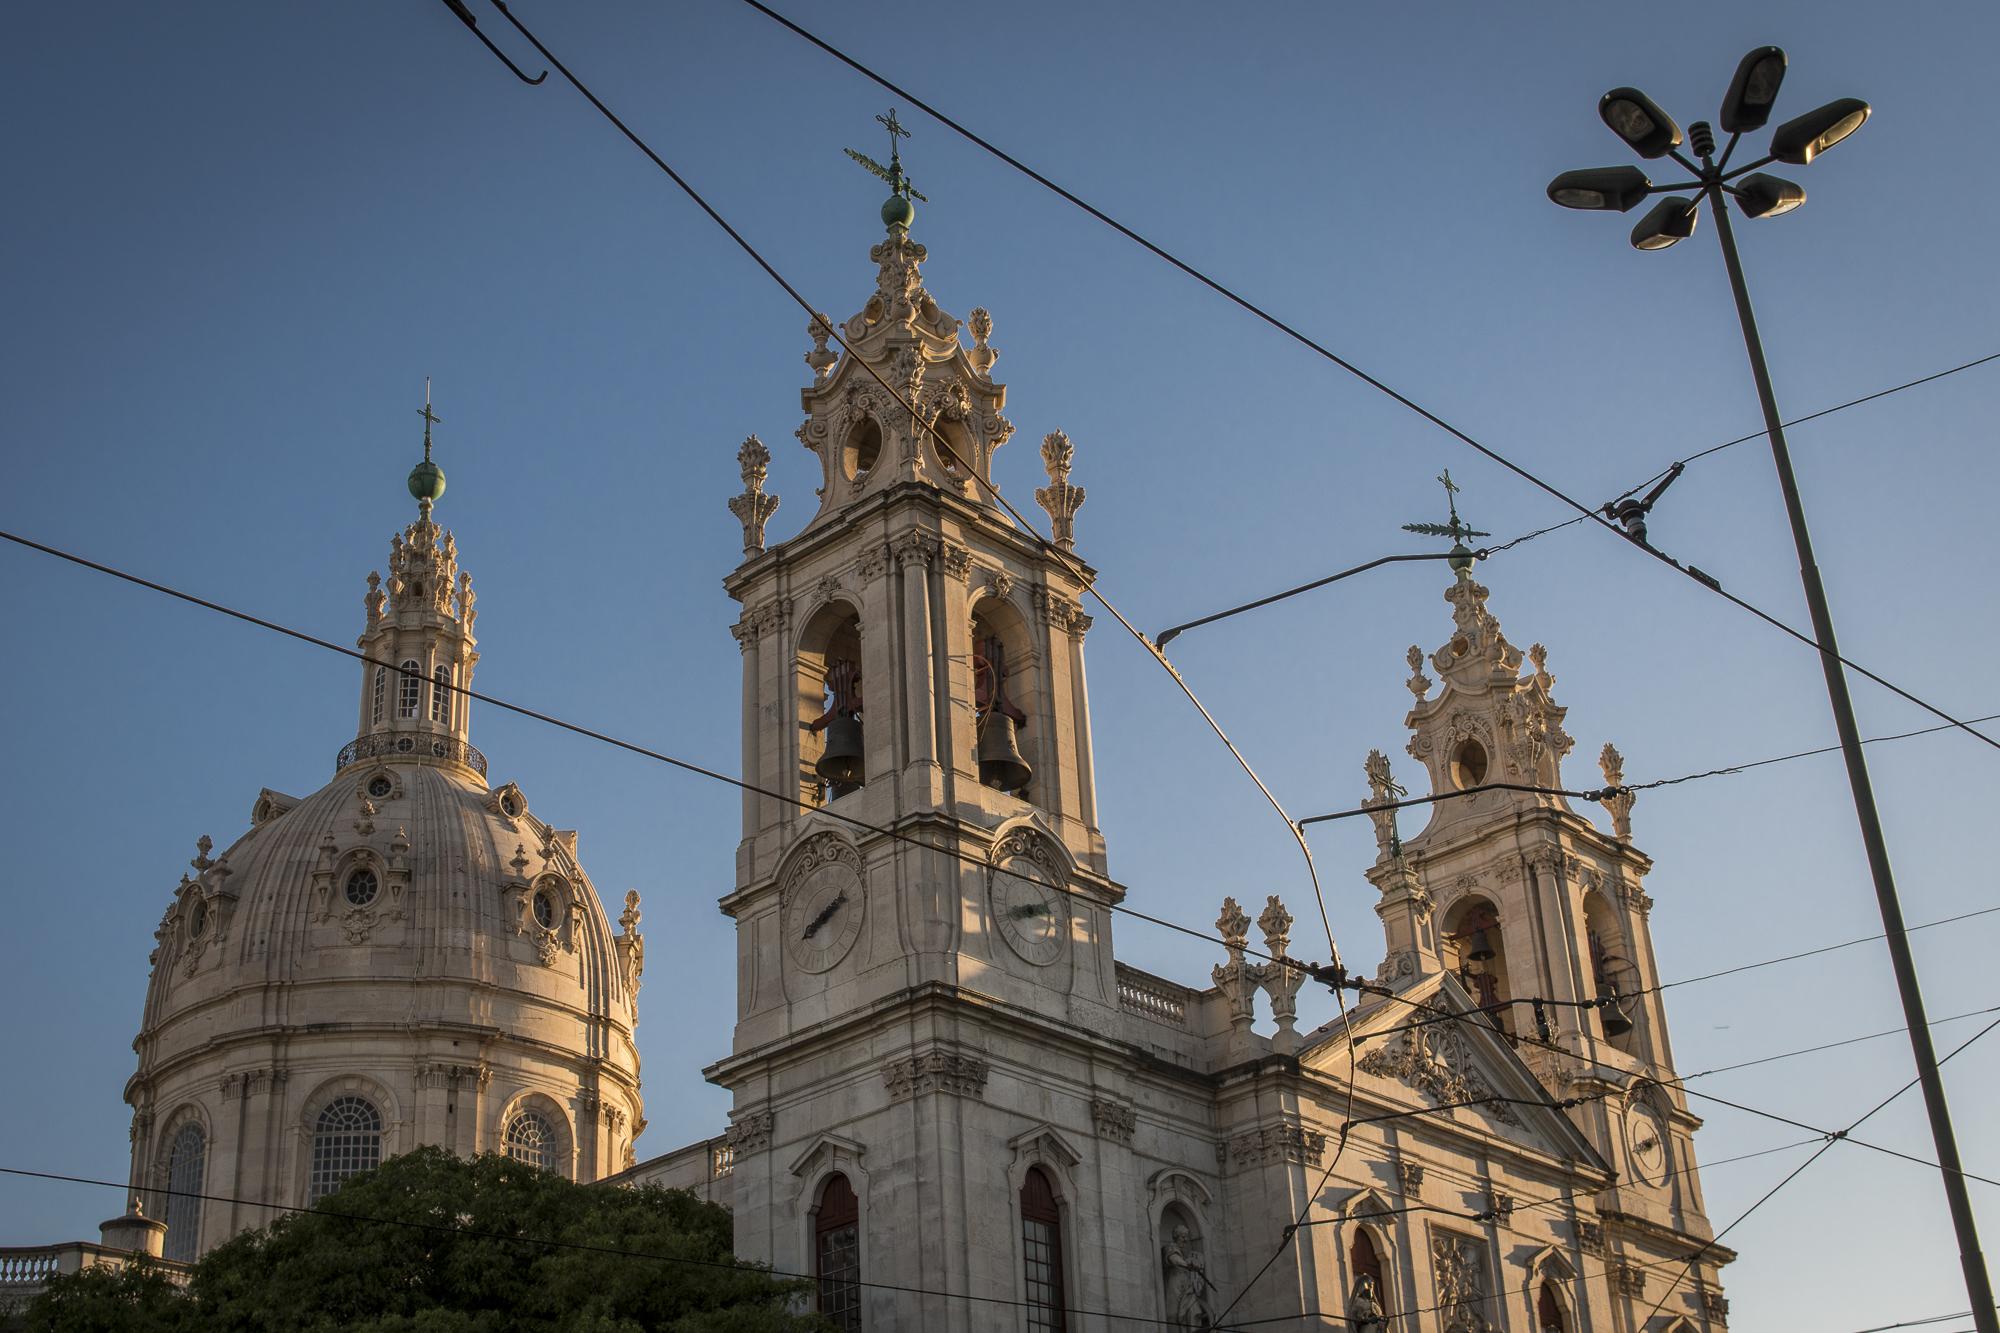 Basílica da Estrela  PHOTOGRAPHY: ALEXANDER J.E. BRADLEY •NIKON D500 • AF-S NIKKOR 24-70mm f/2.8G ED • 32mm • F/8 •1/250 •ISO 100